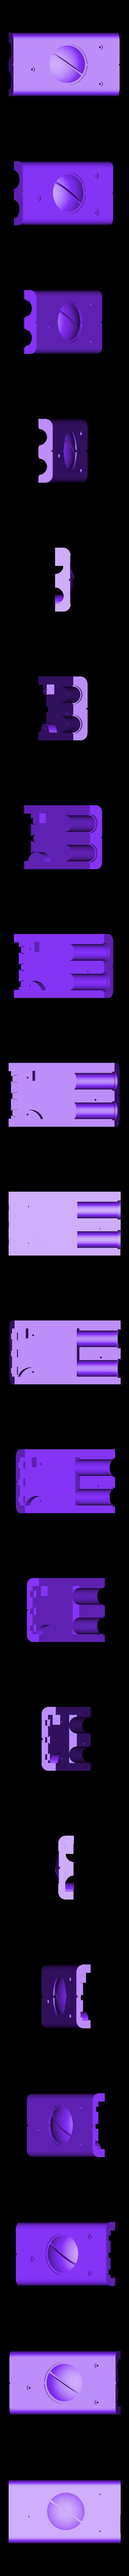 7_Pulserifle_Body7.stl Download free STL file Pulse Rifle • 3D printer template, Snorri